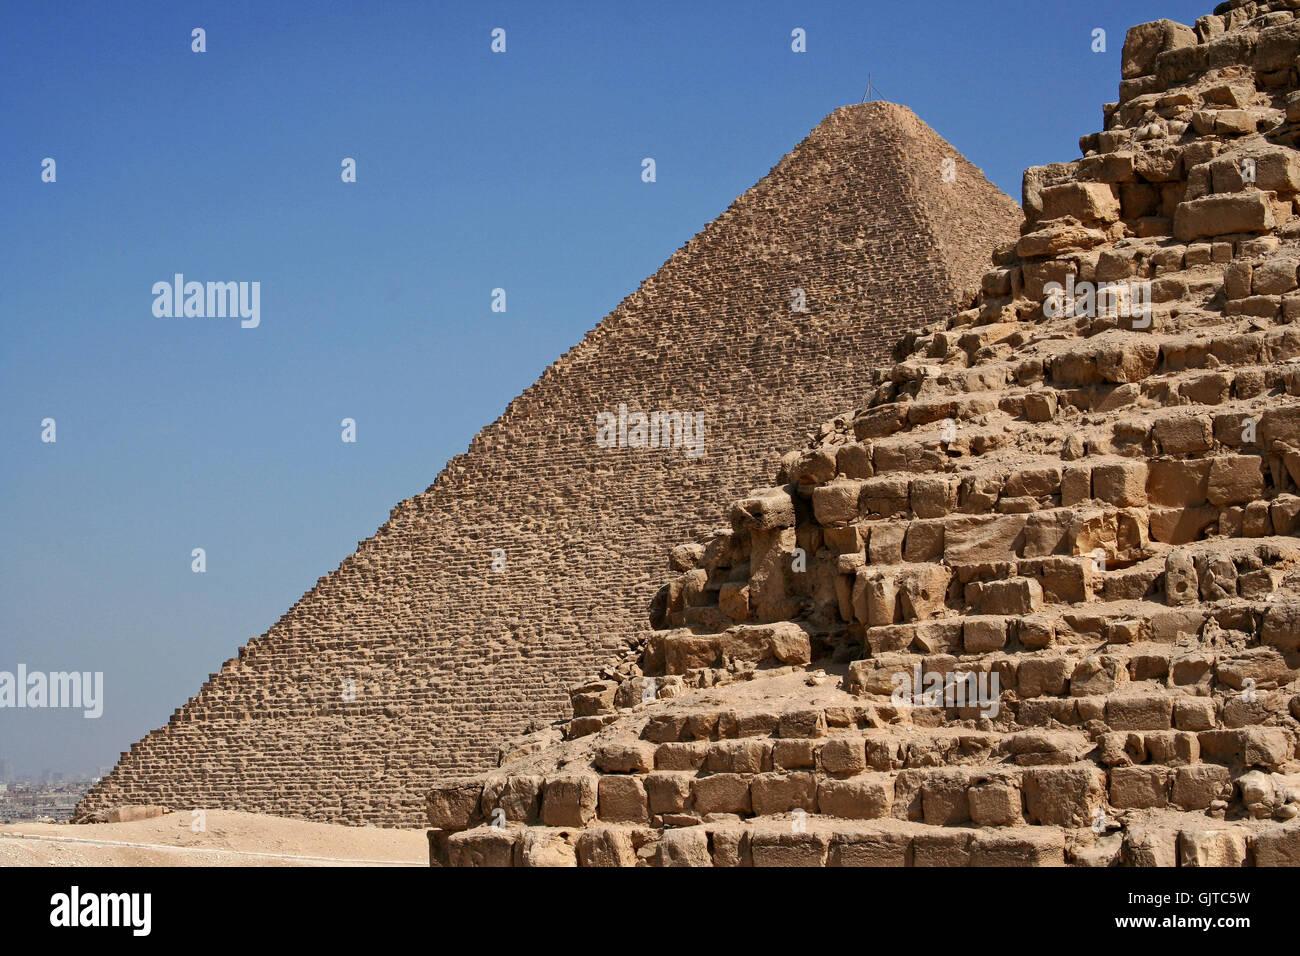 Il cairo pyramids meraviglia del mondo Immagini Stock